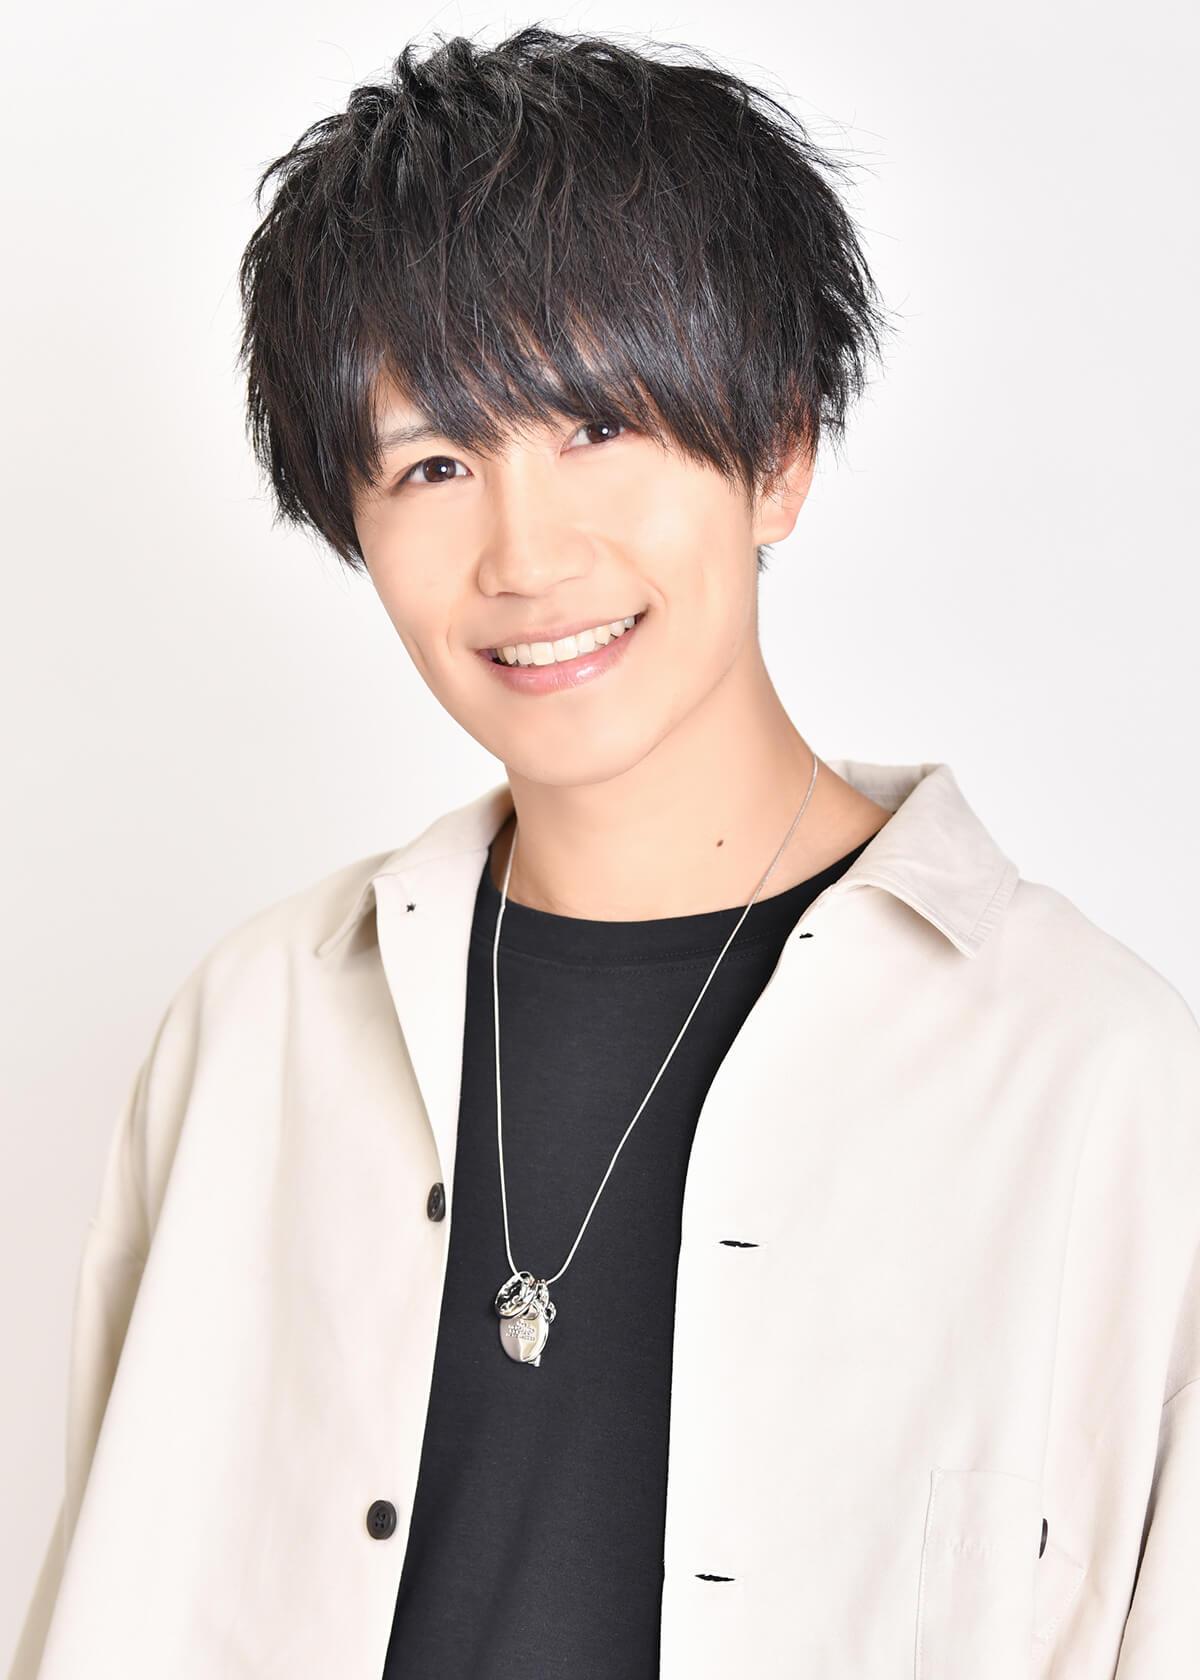 「ARGONAVIS from BanG Dream!」舞台化決定、2021年6月に東京・大阪で開催 イメージ画像